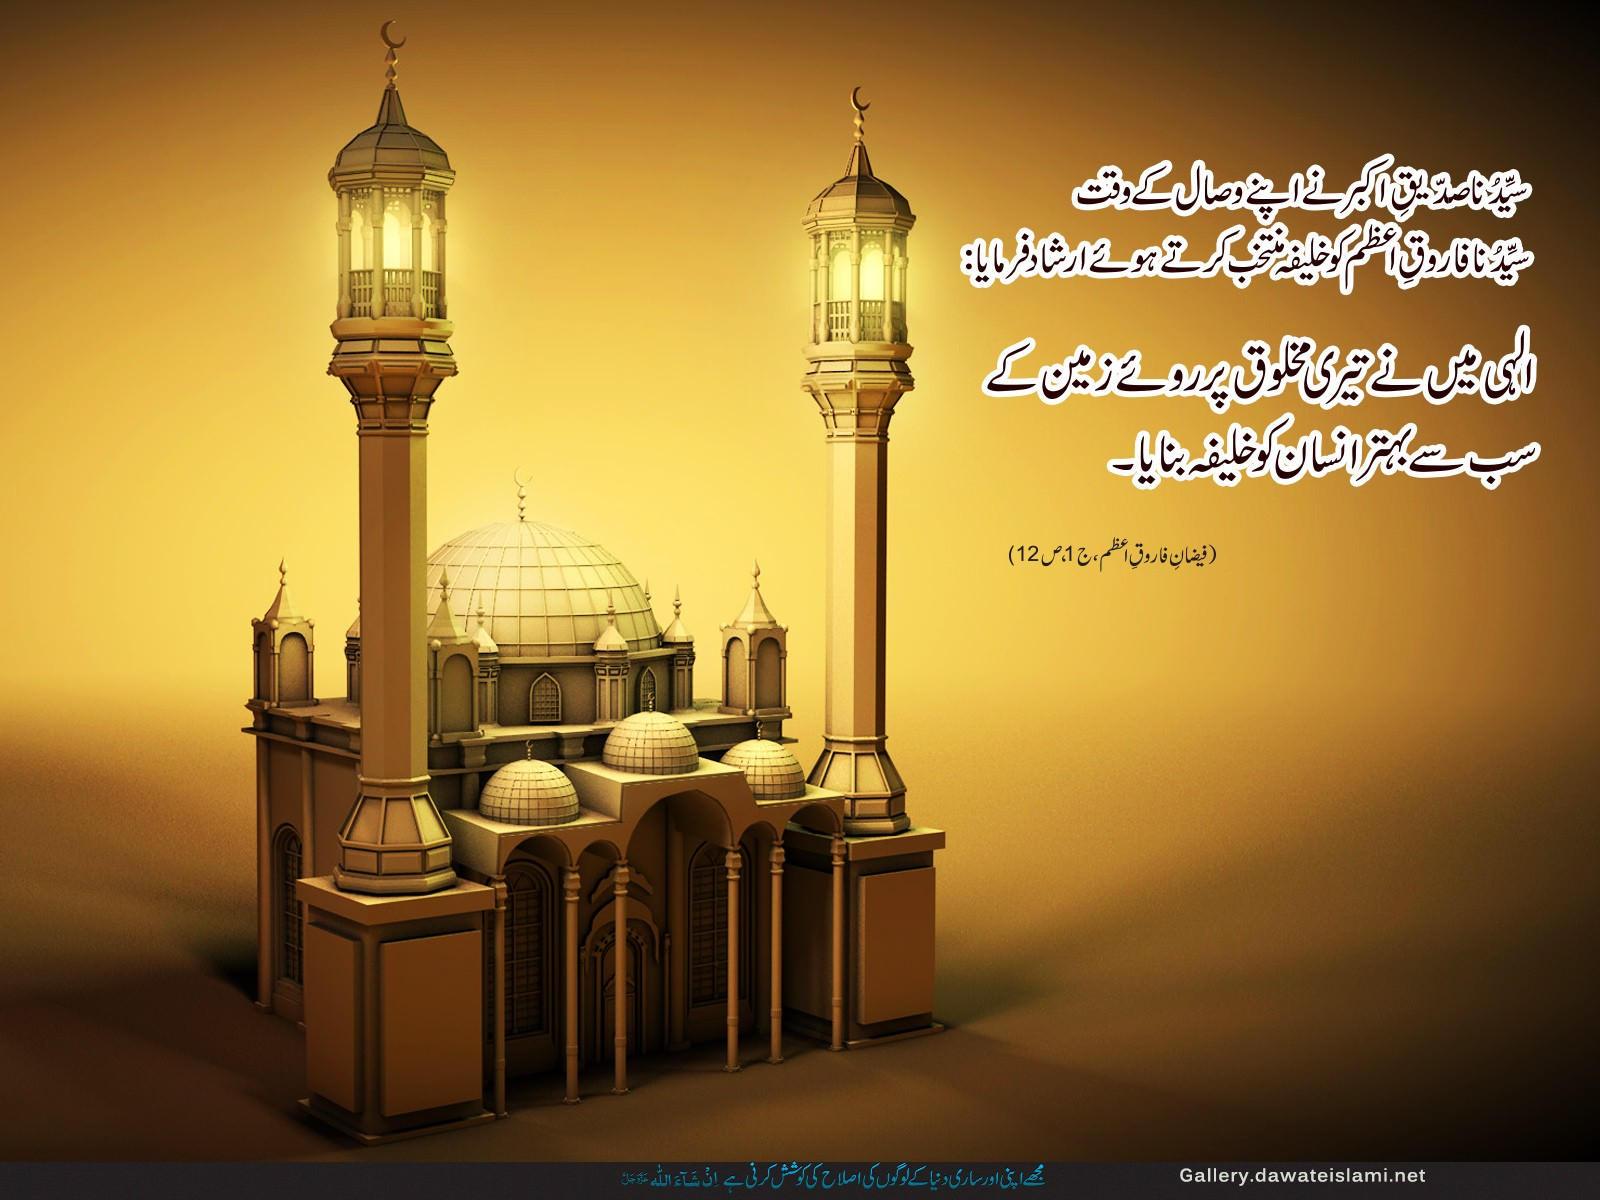 Farooq e Azam ki Khilafat- Muharram Wallpaper